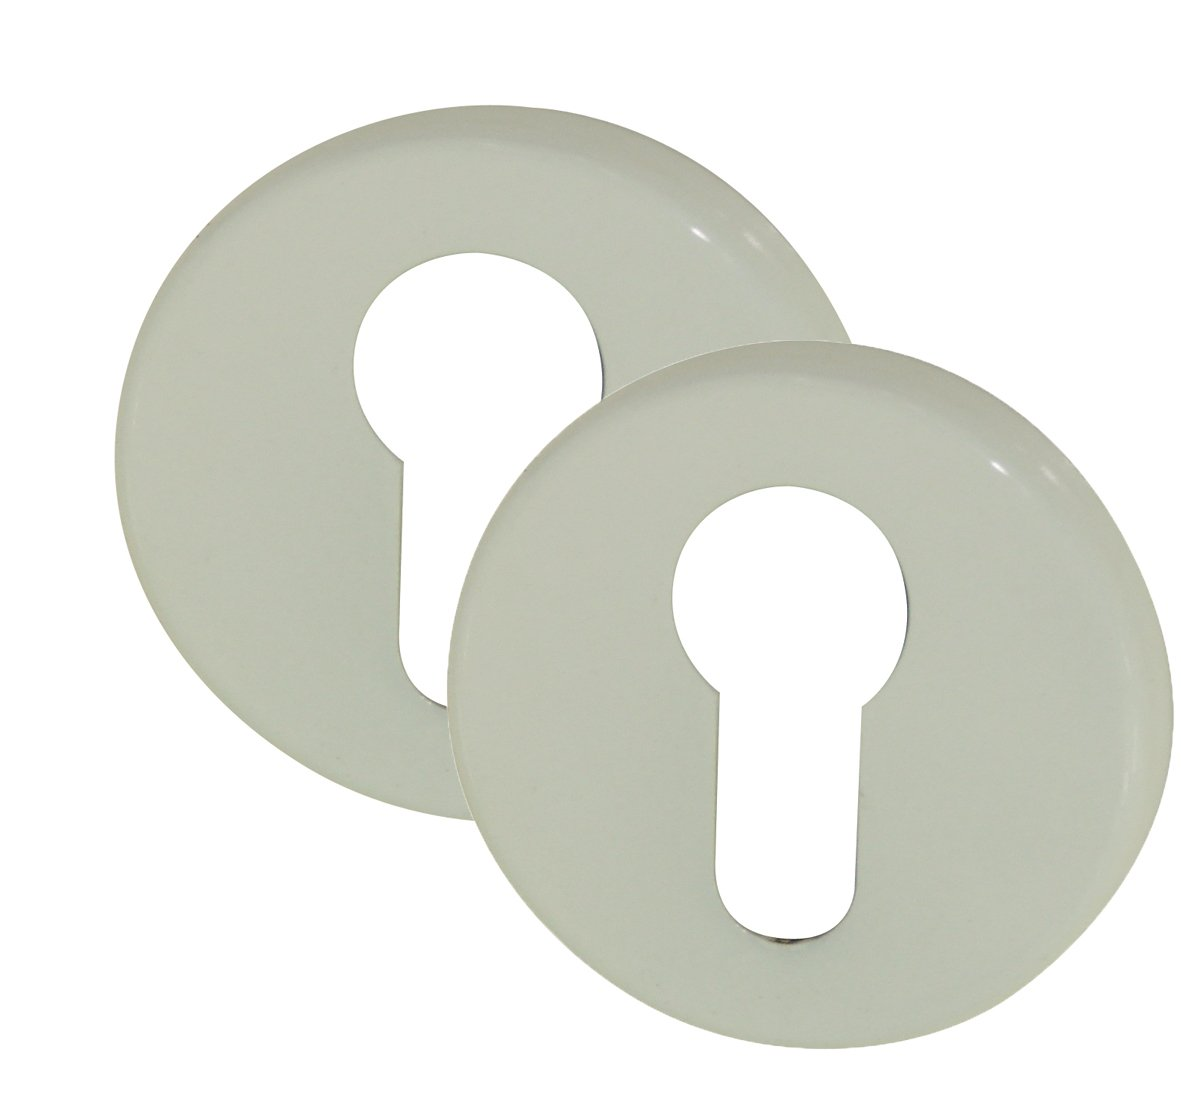 DT 2000 105582 - Rosetta Modena tonda con foro yale, per serratura, in alluminio, 2 pezzi, colore: Bianco